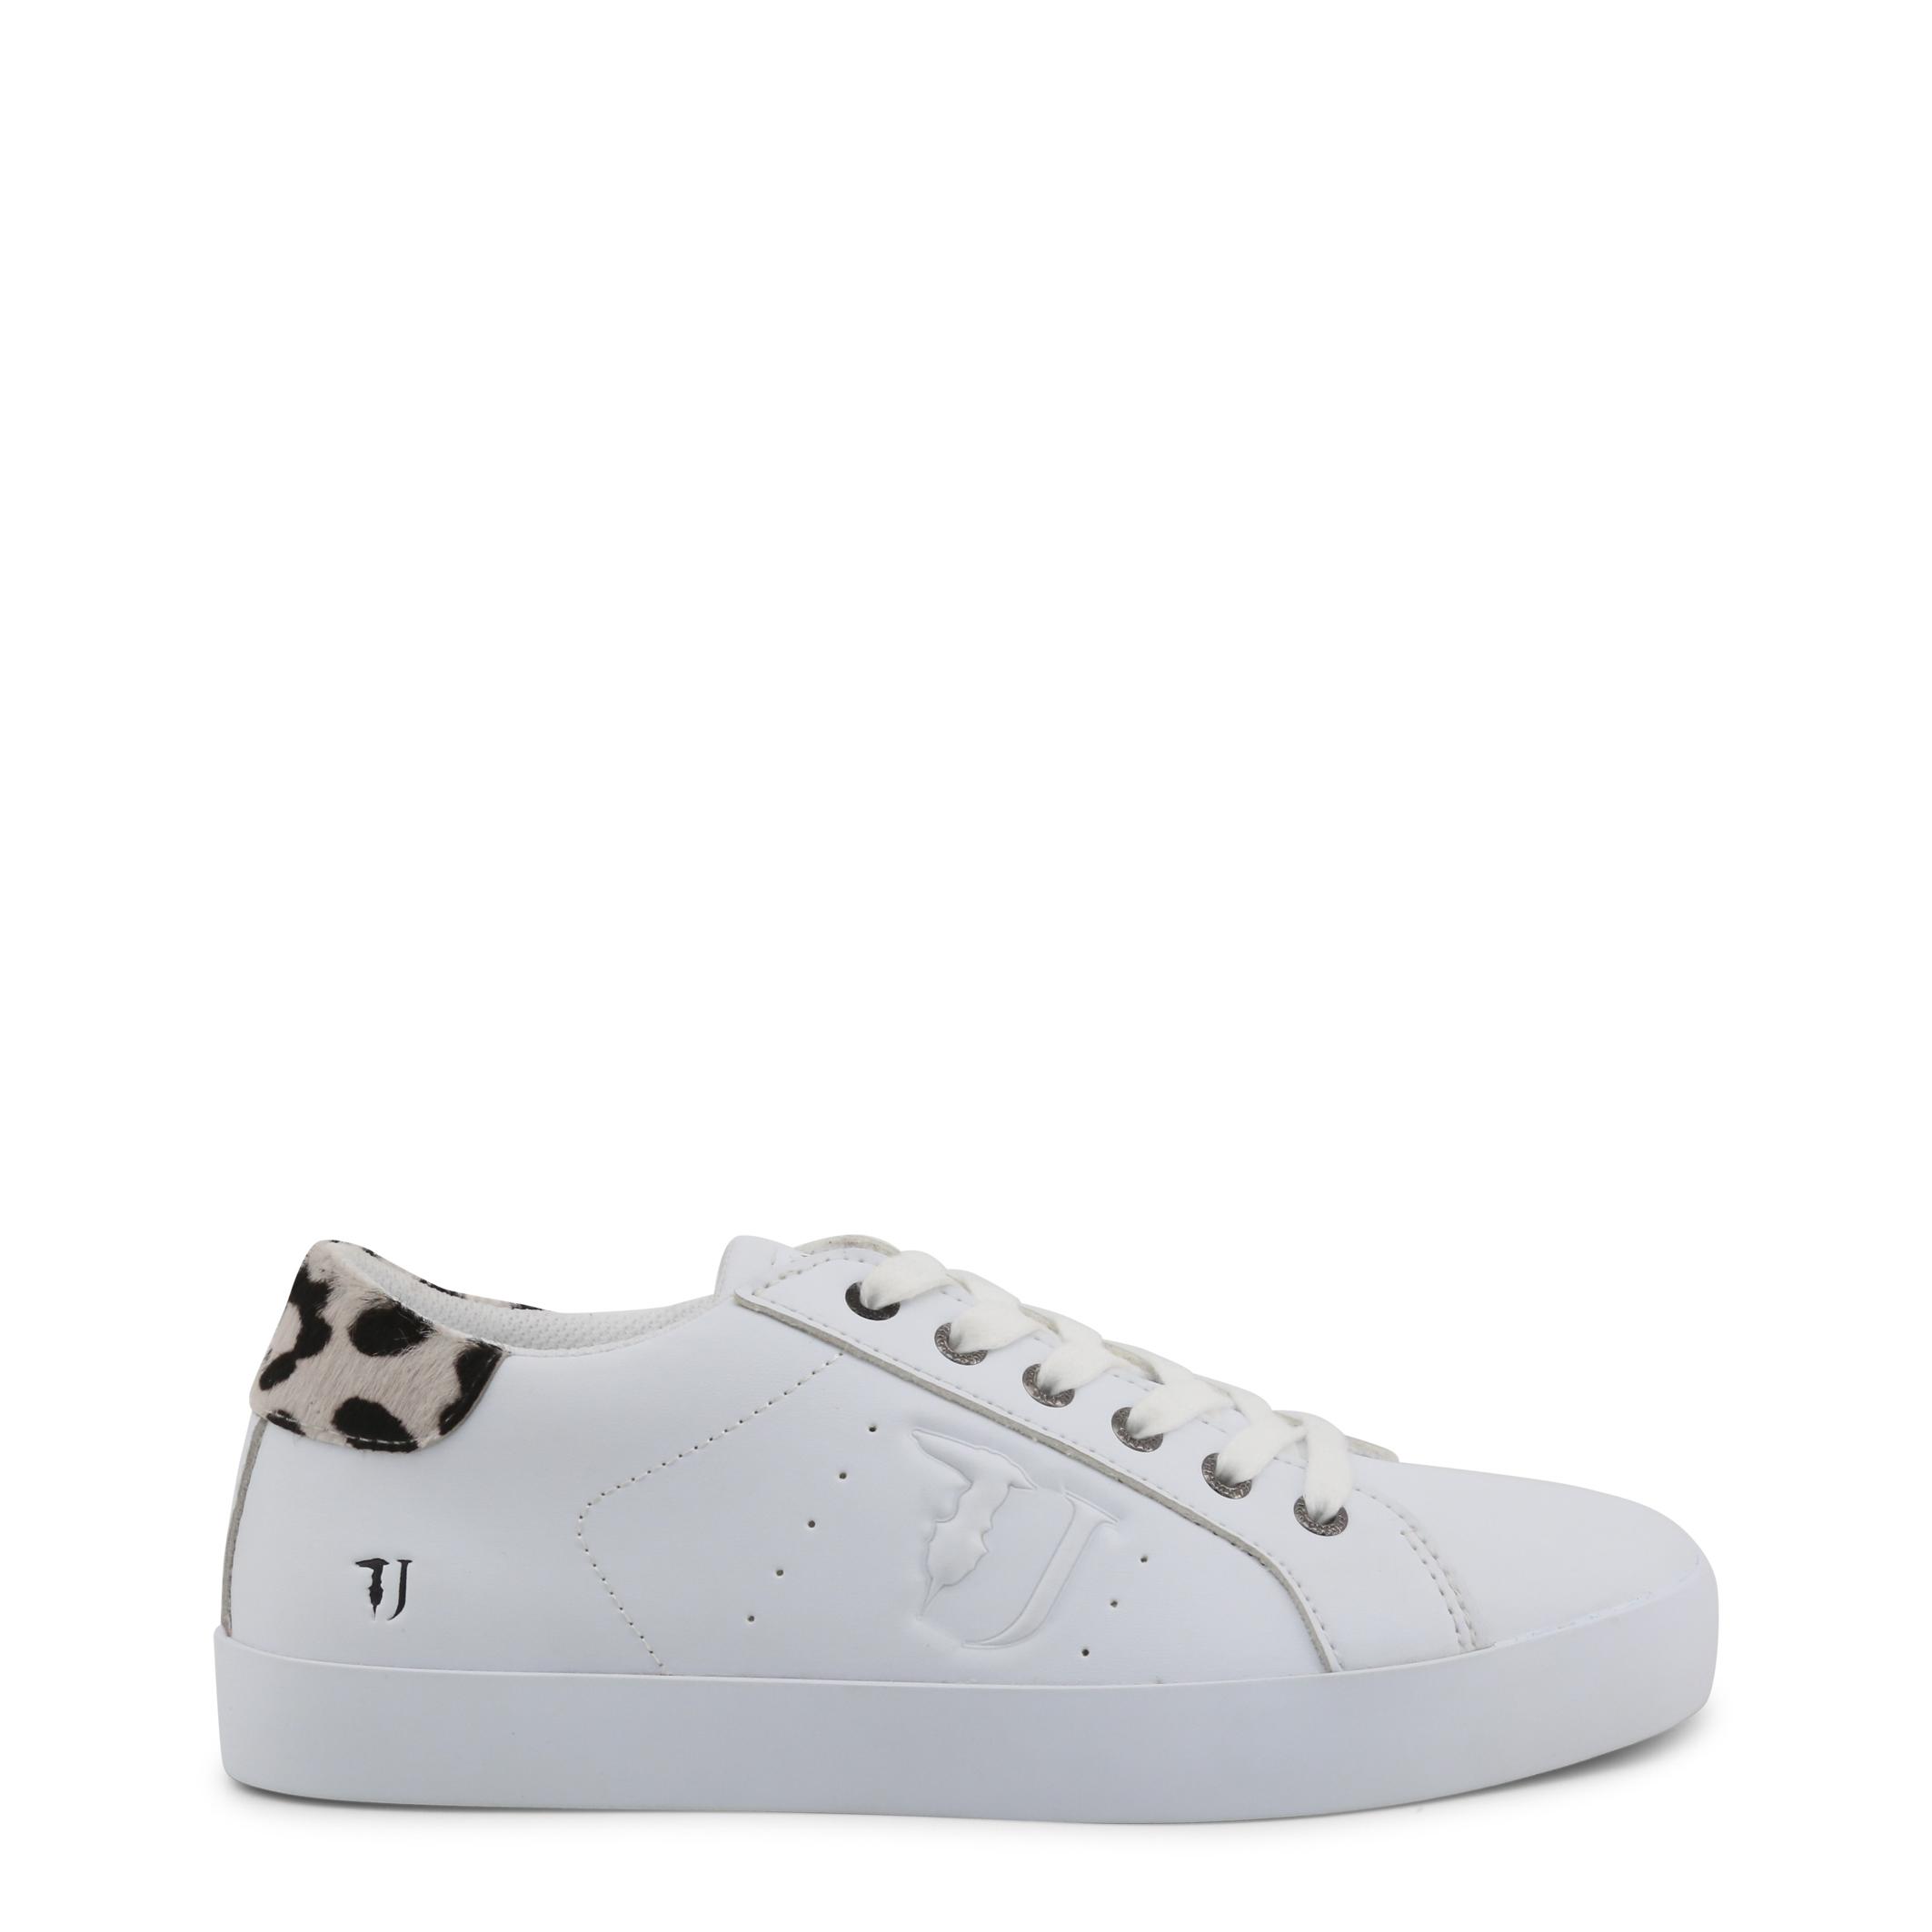 Sneakers Trussardi 79A00255 Donna Bianco 97996 Scarpe da Ginnastica ... d815b7c362c